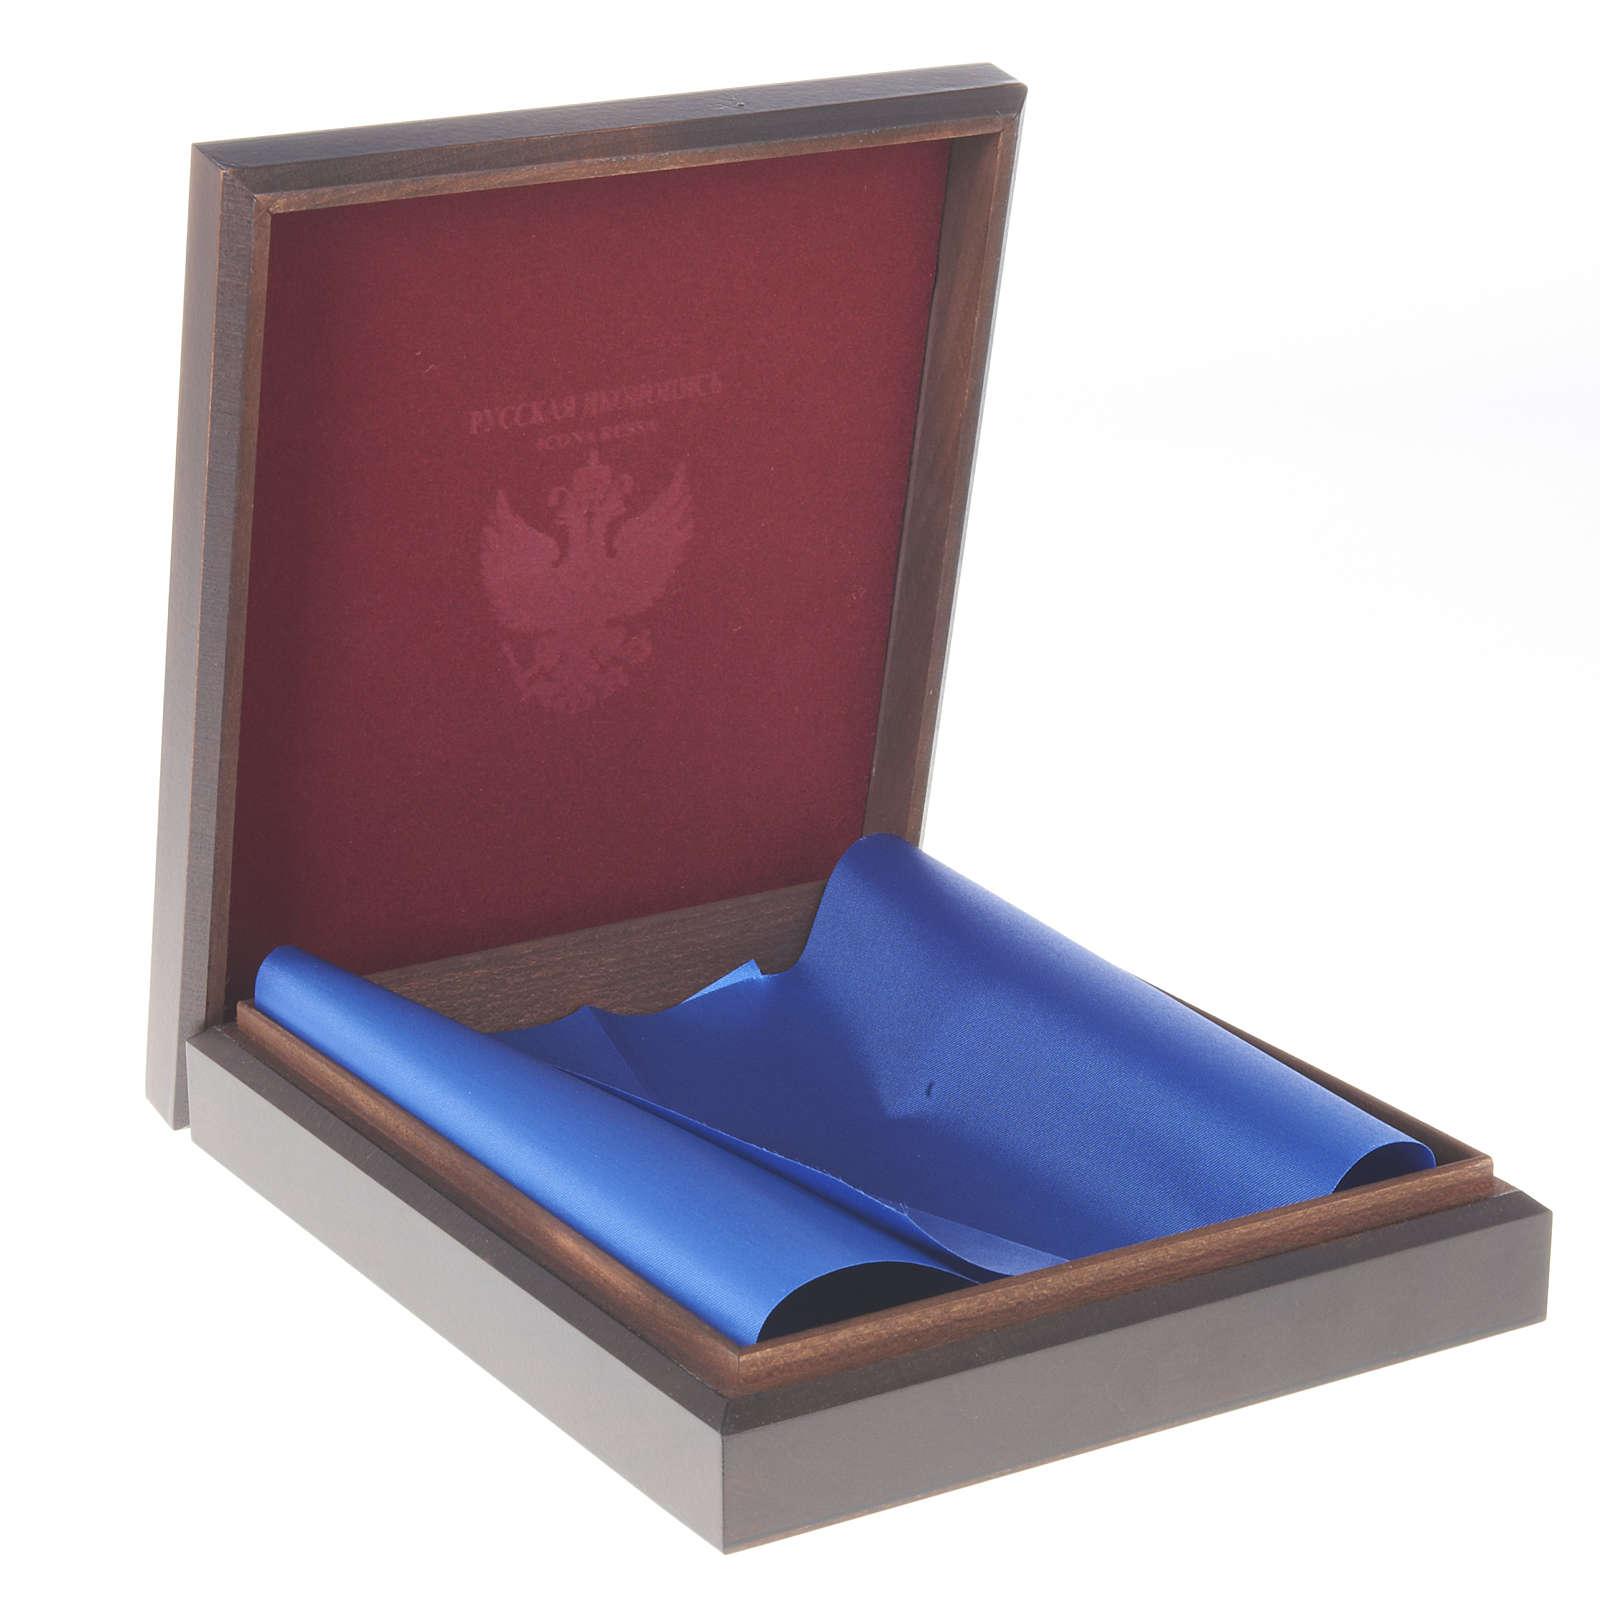 Estojo russo em madeira para ícones 4